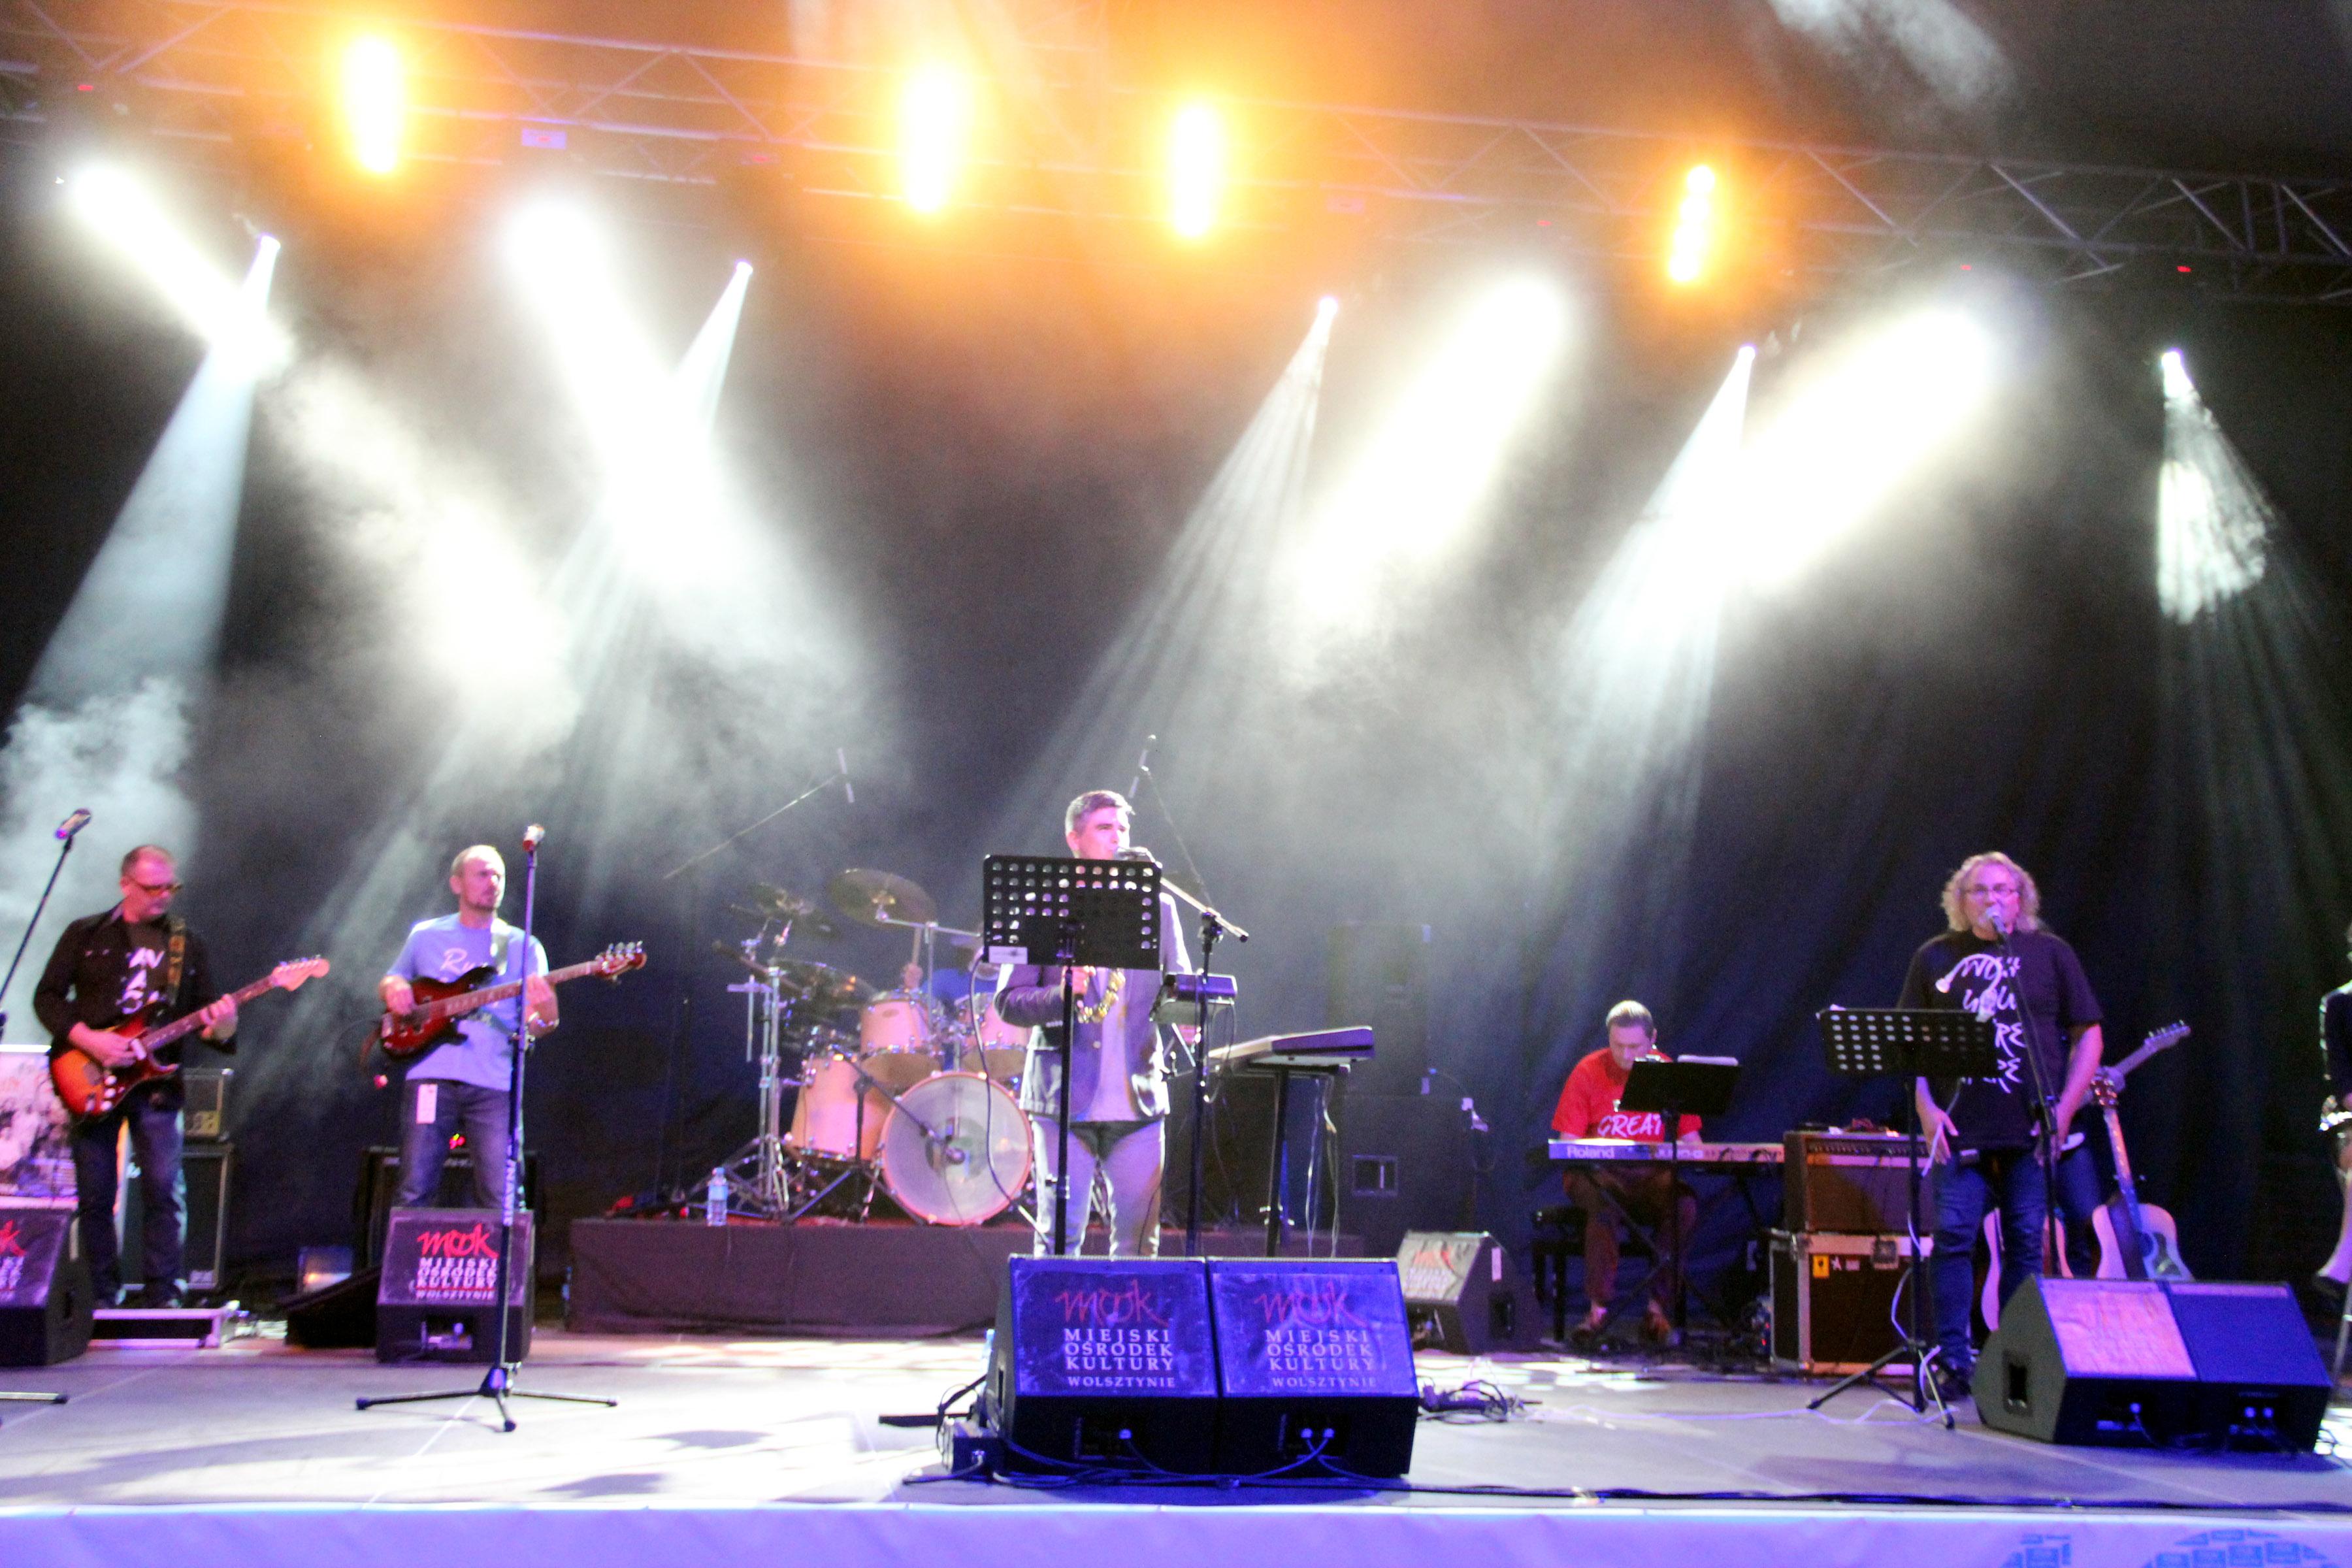 Zespół Tales of Pink Floyd na koncercie w Amfiteatrze im. Czesława Niemena w Olsztynie 28.08.2015